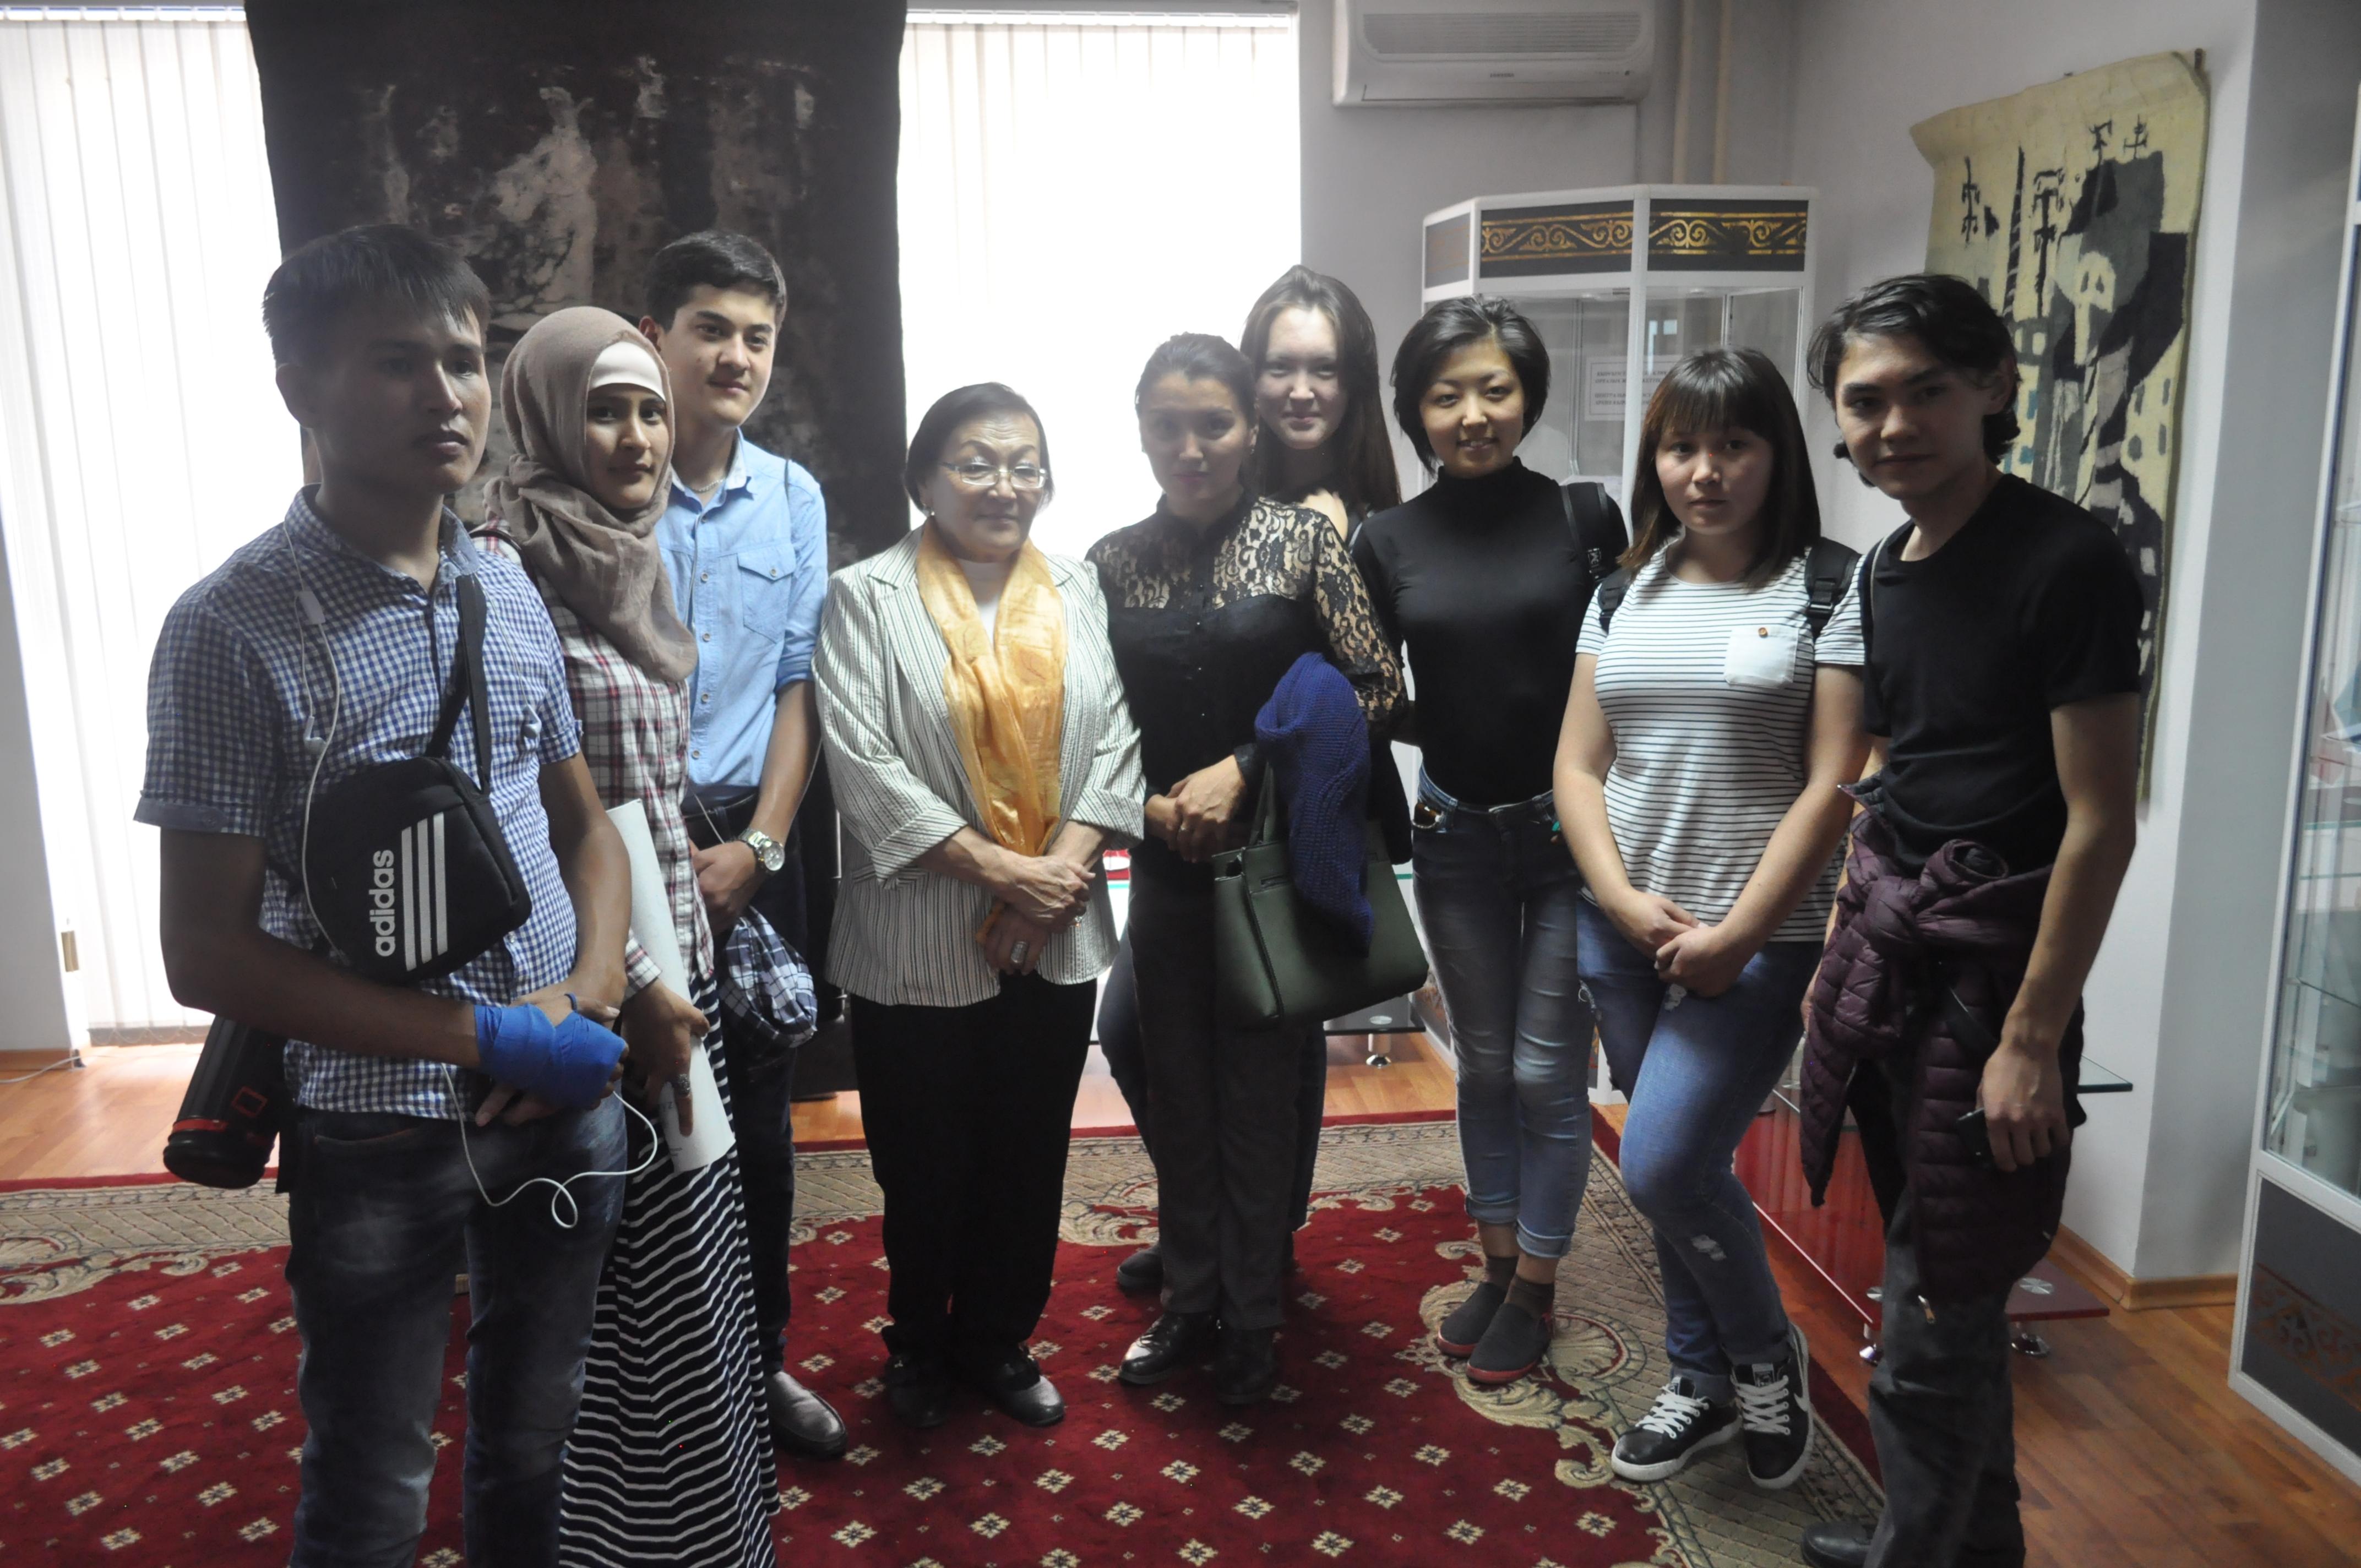 Қазақстан және Қырғызстан: тарихи-мәдени байланыстарды нығайту жолында